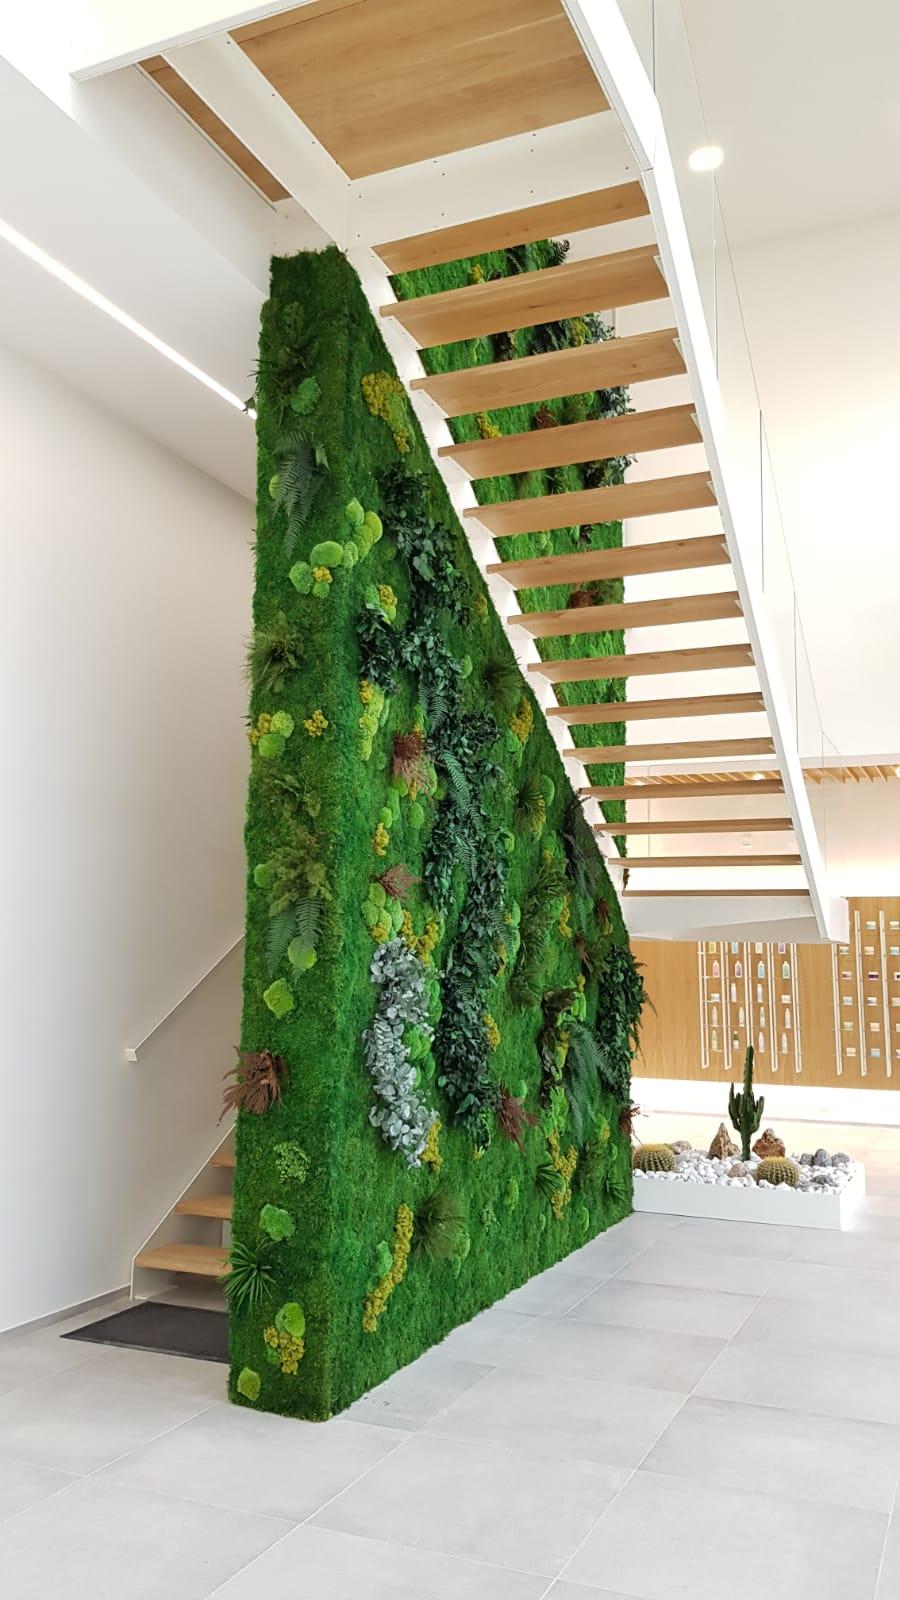 Bespoke Moss Wall Installation